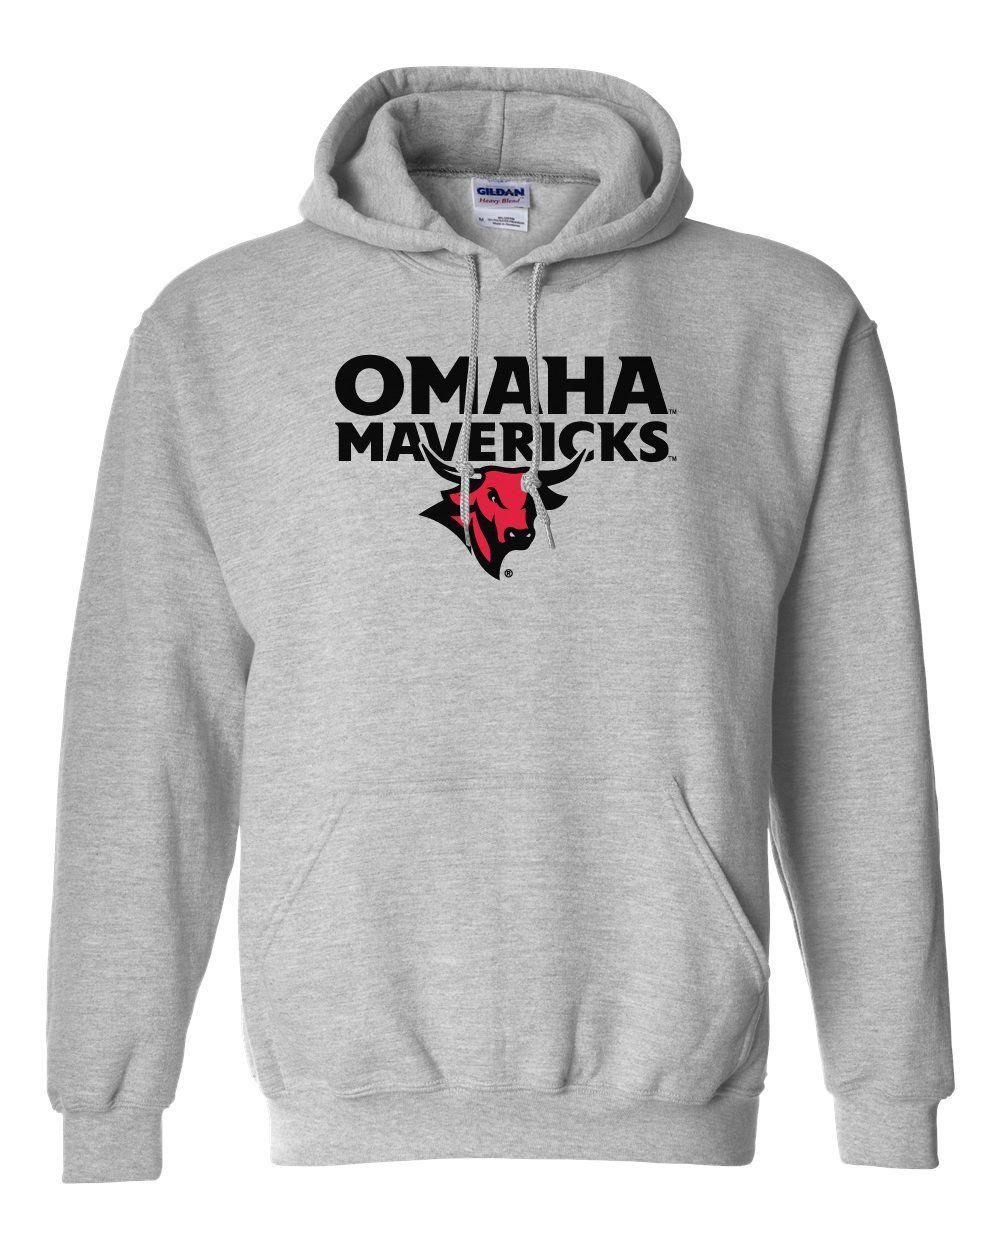 Omaha Mavericks Hooded Sweatshirt Omaha Mavericks With Bull On Gray Hooded Sweatshirts Sweatshirts Omaha Nebraska [ 1250 x 1000 Pixel ]